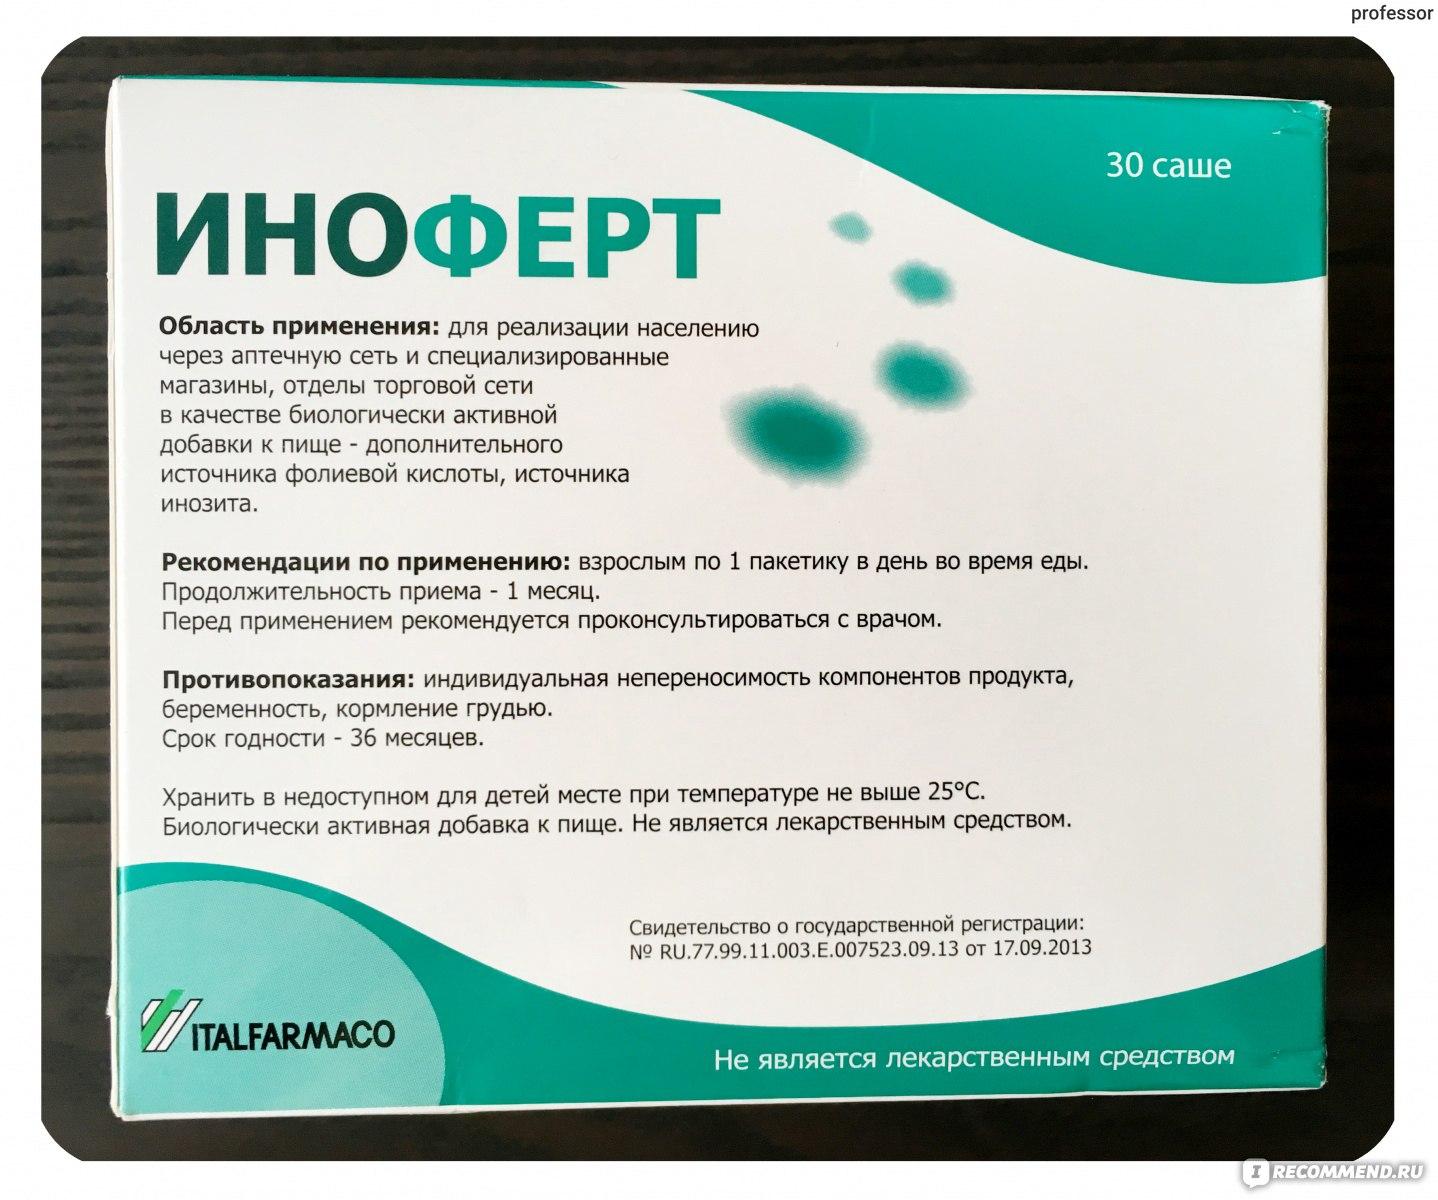 Иноферт (inofert) при планировании беременности. отзывы, инструкция, дозировка, цена